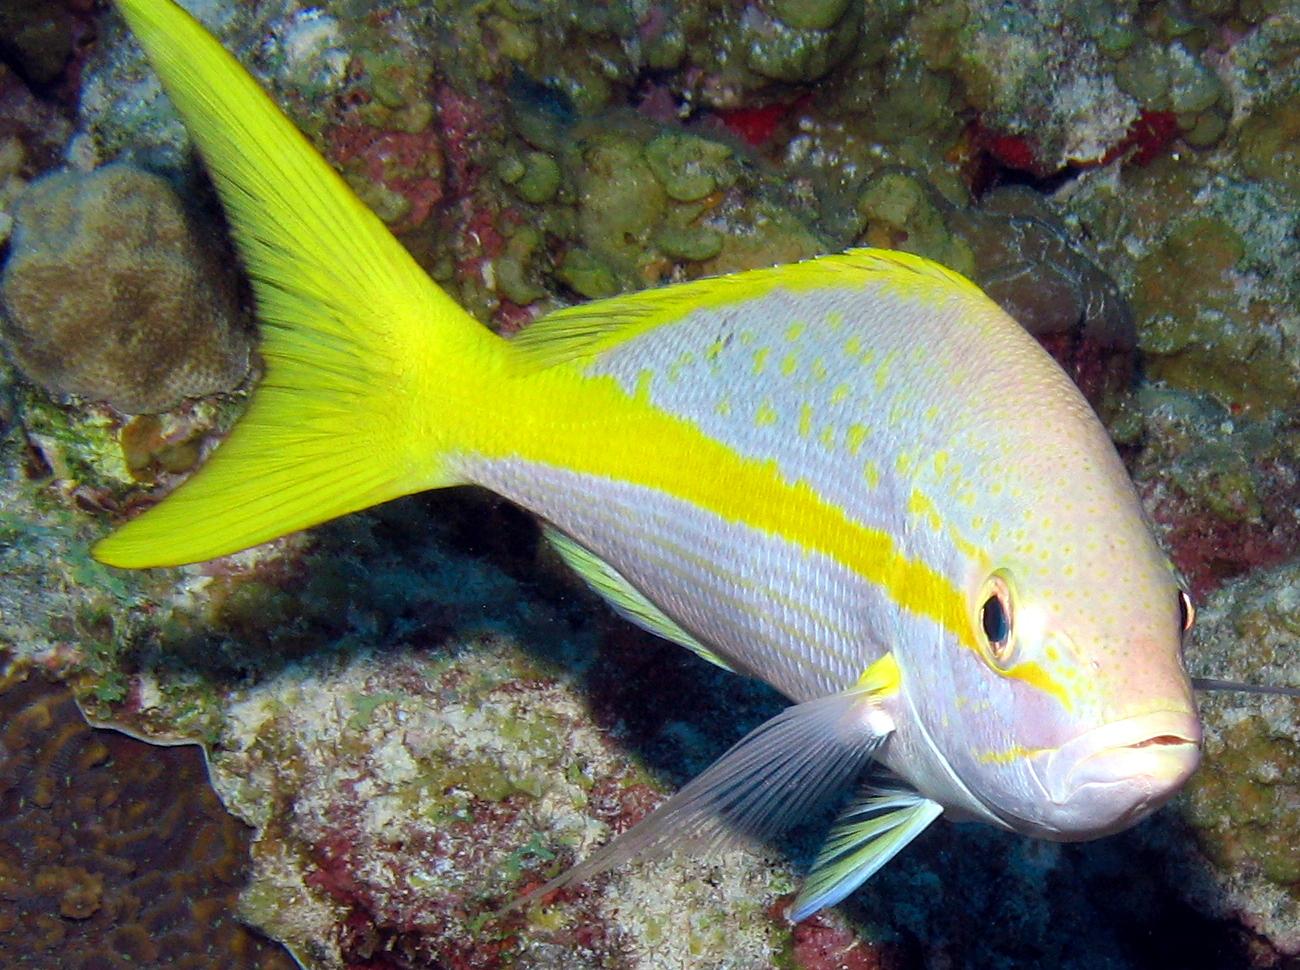 Yellowtail snapper face wallpaper